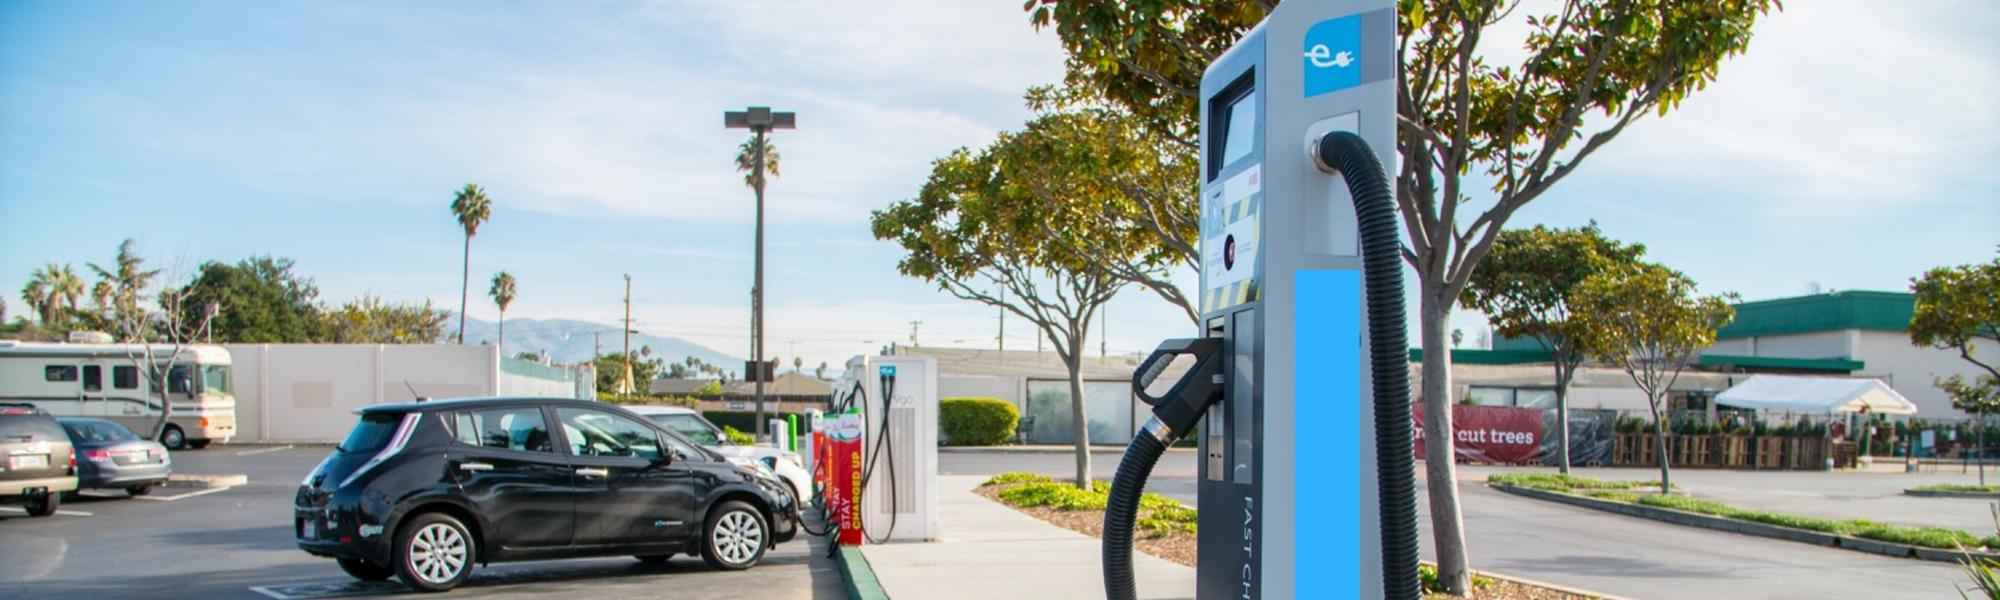 EV charging station